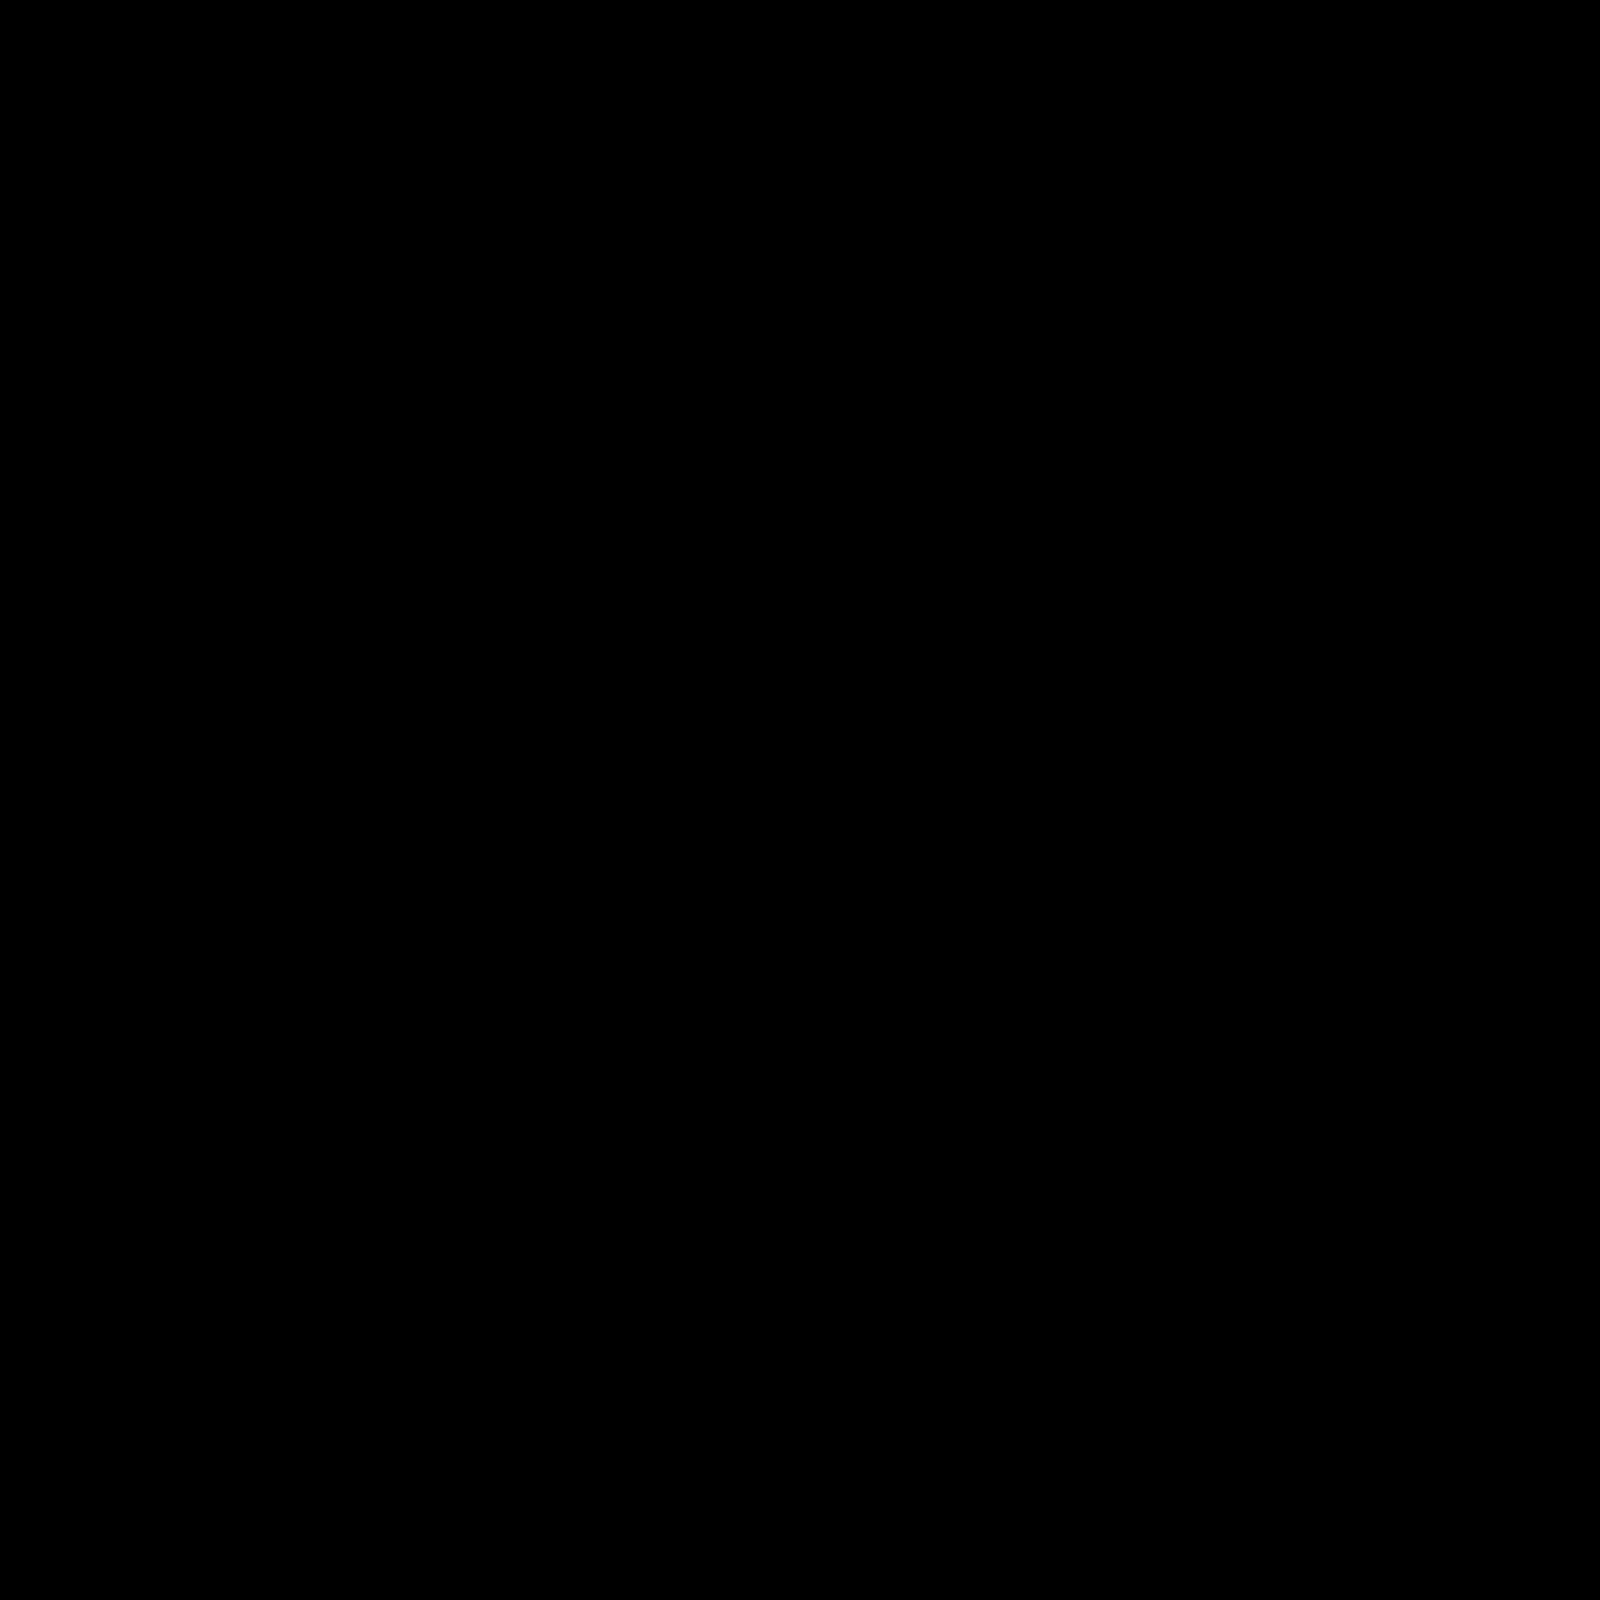 Close Garage Door icon